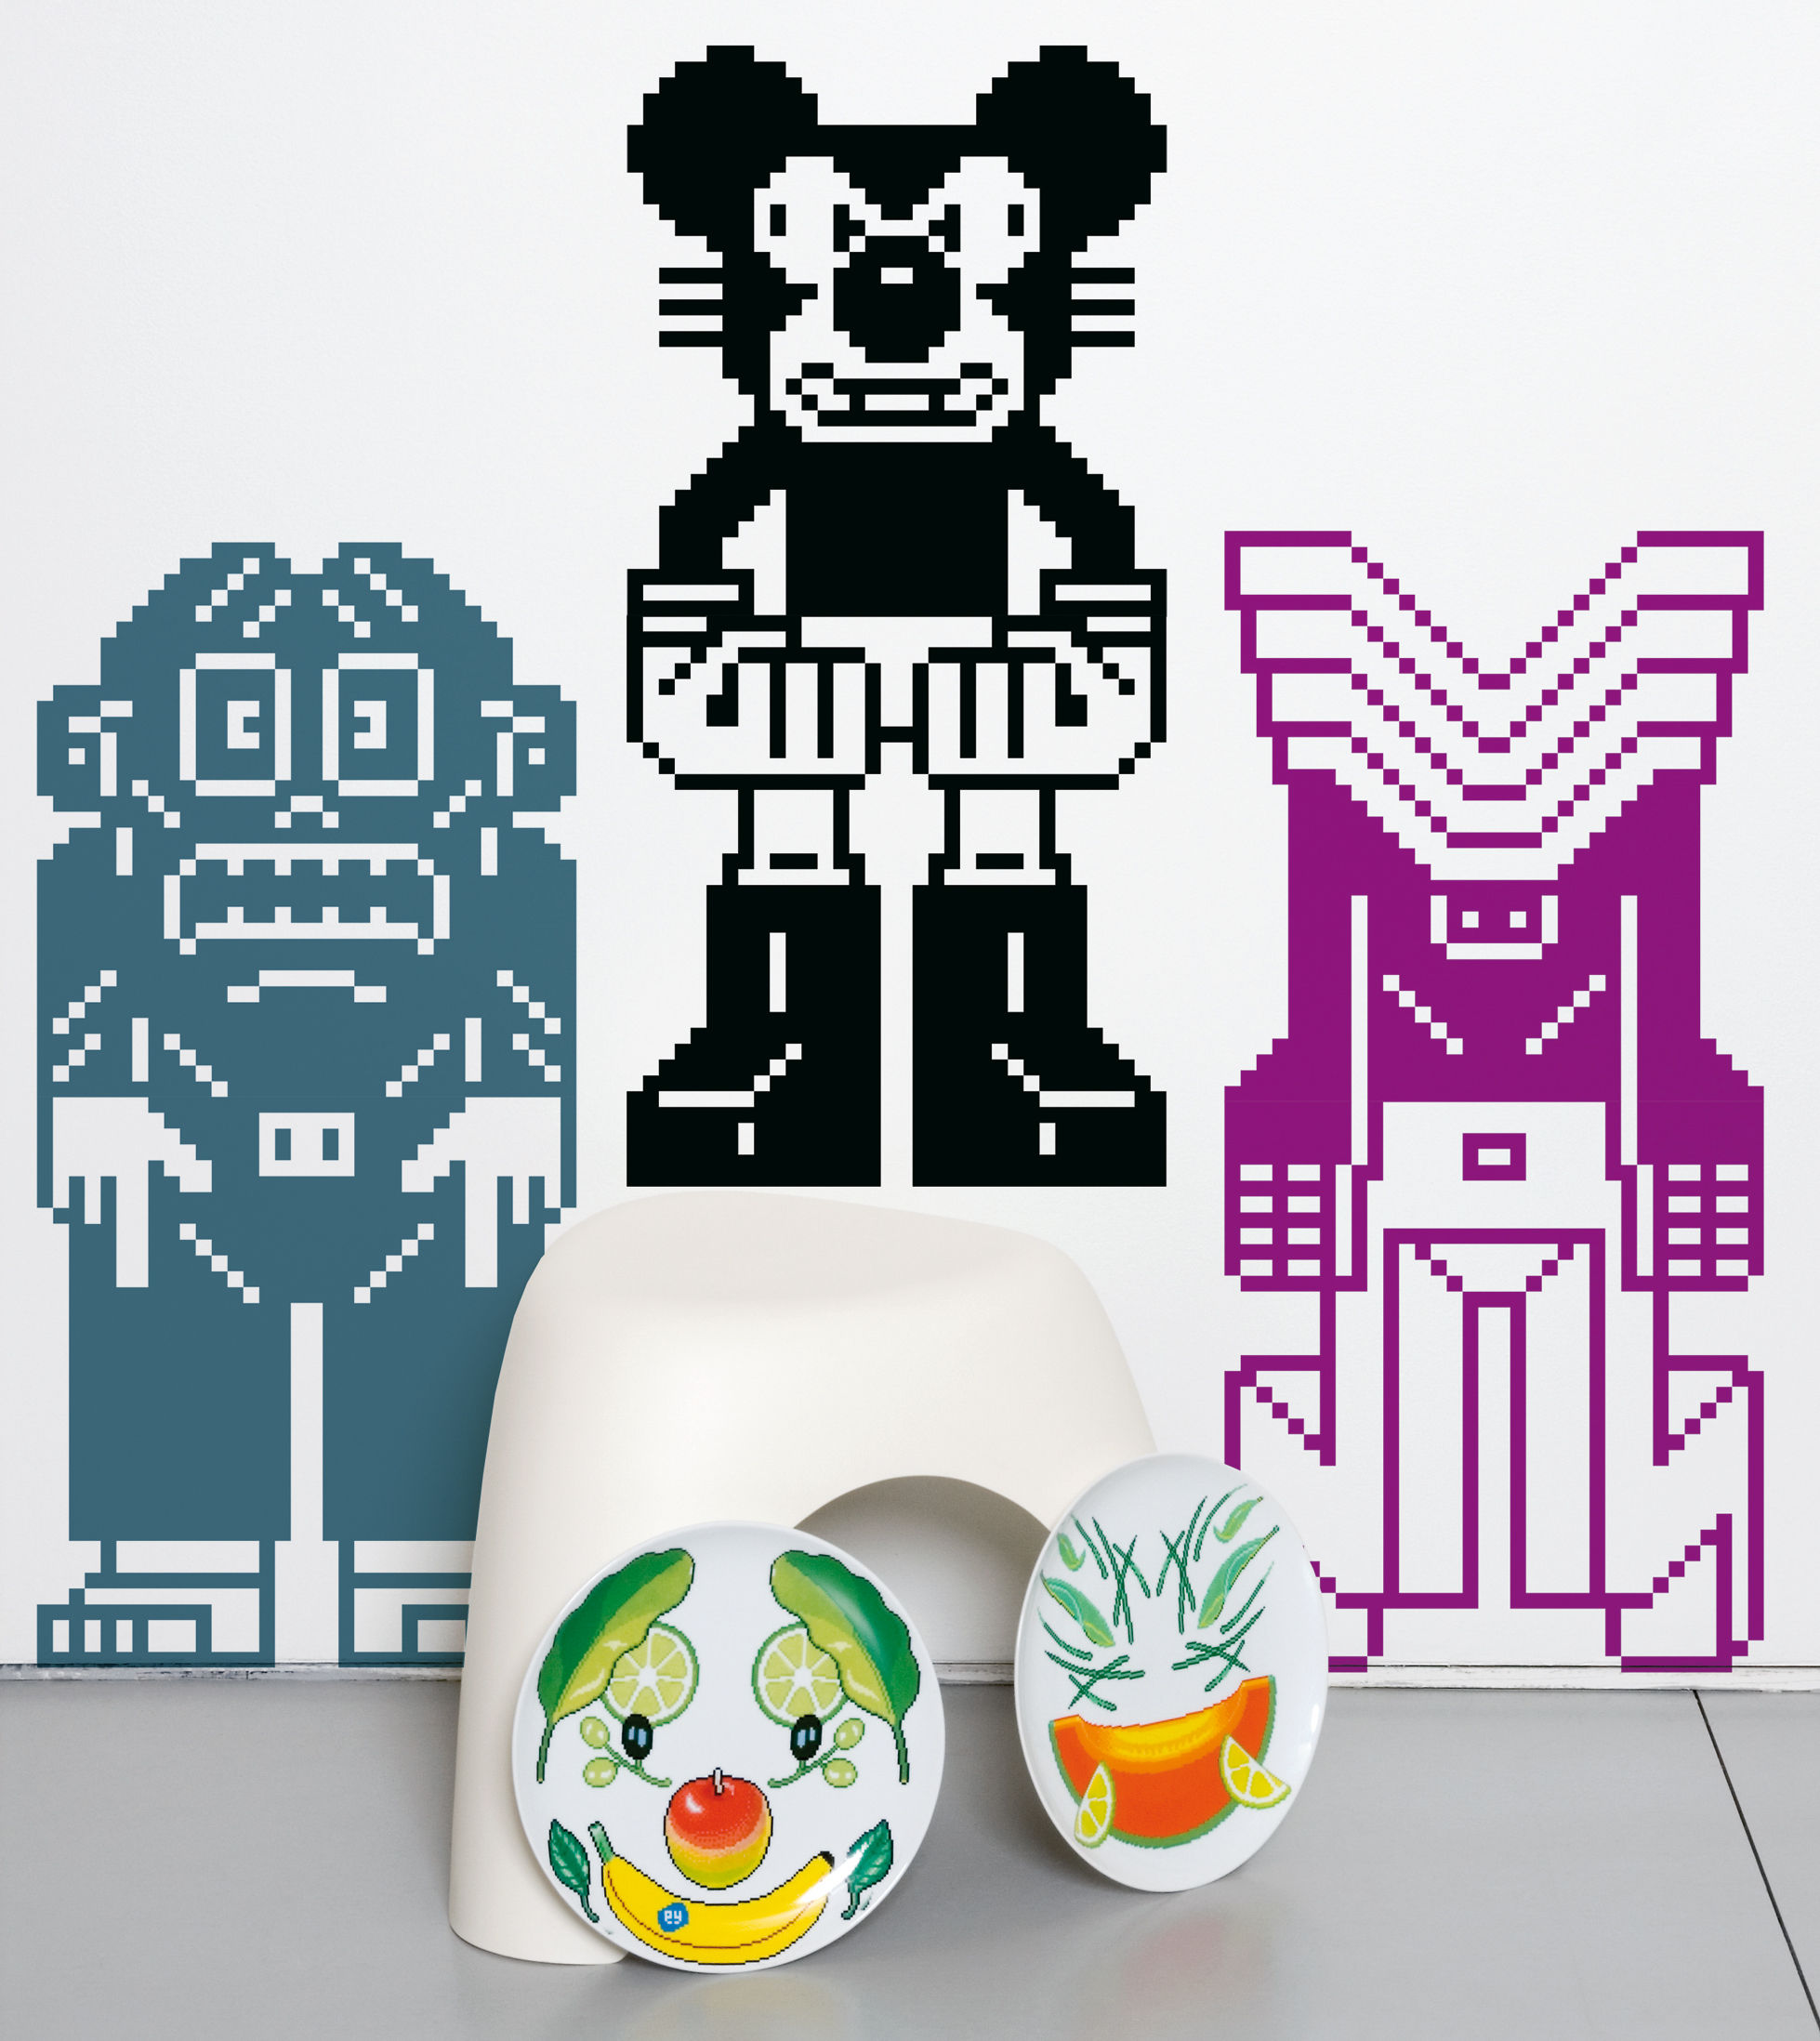 Interni - Sticker - Sticker Peecol sticky 1 di Domestic - Multicolore - Vinile